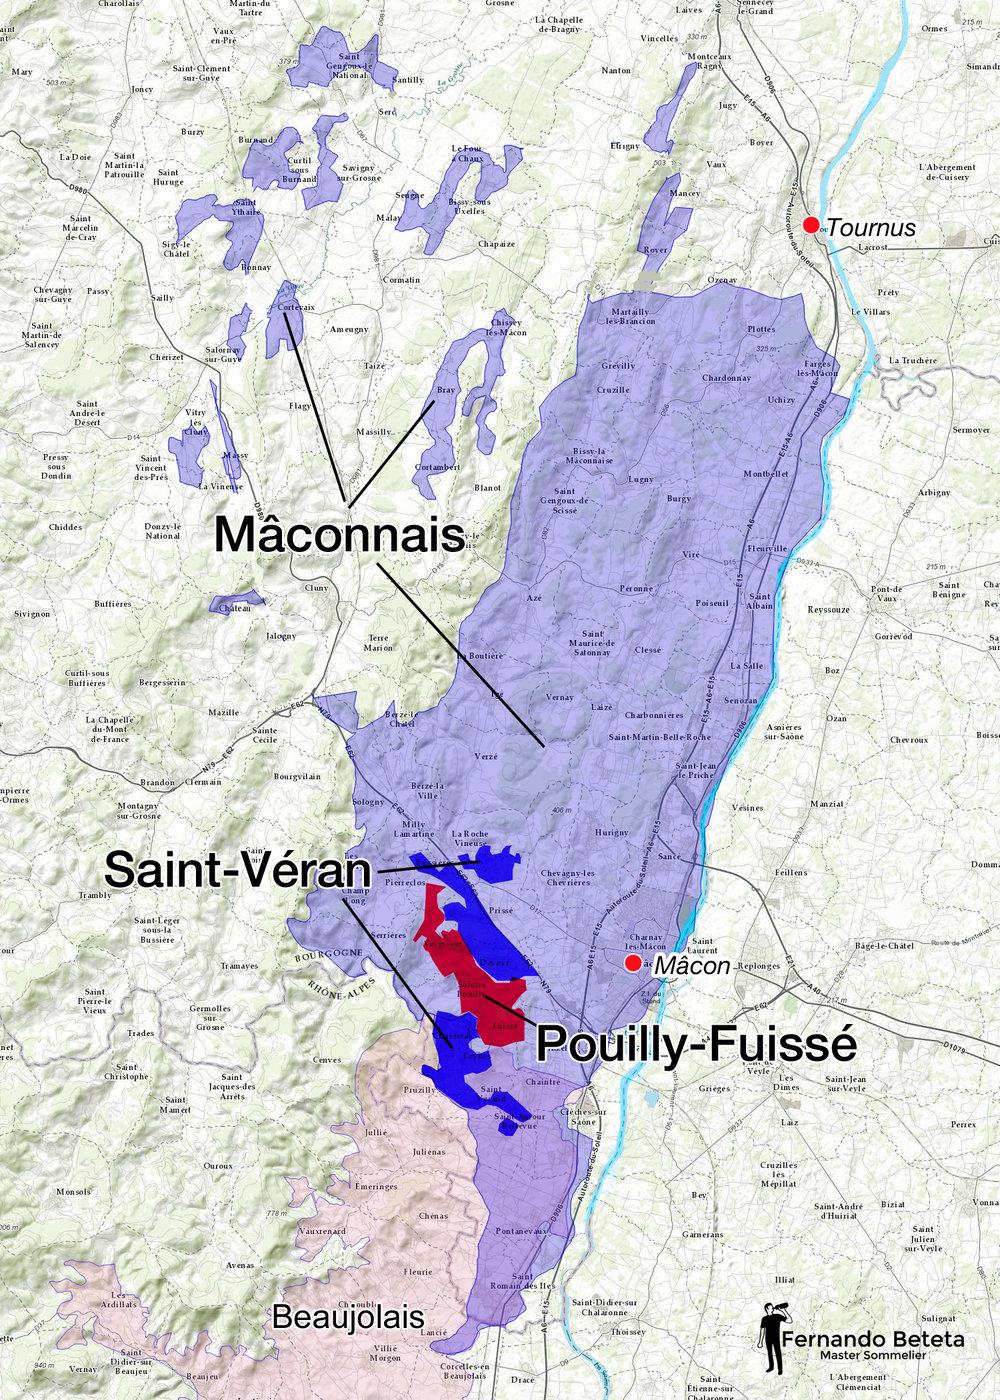 France - Maconnais